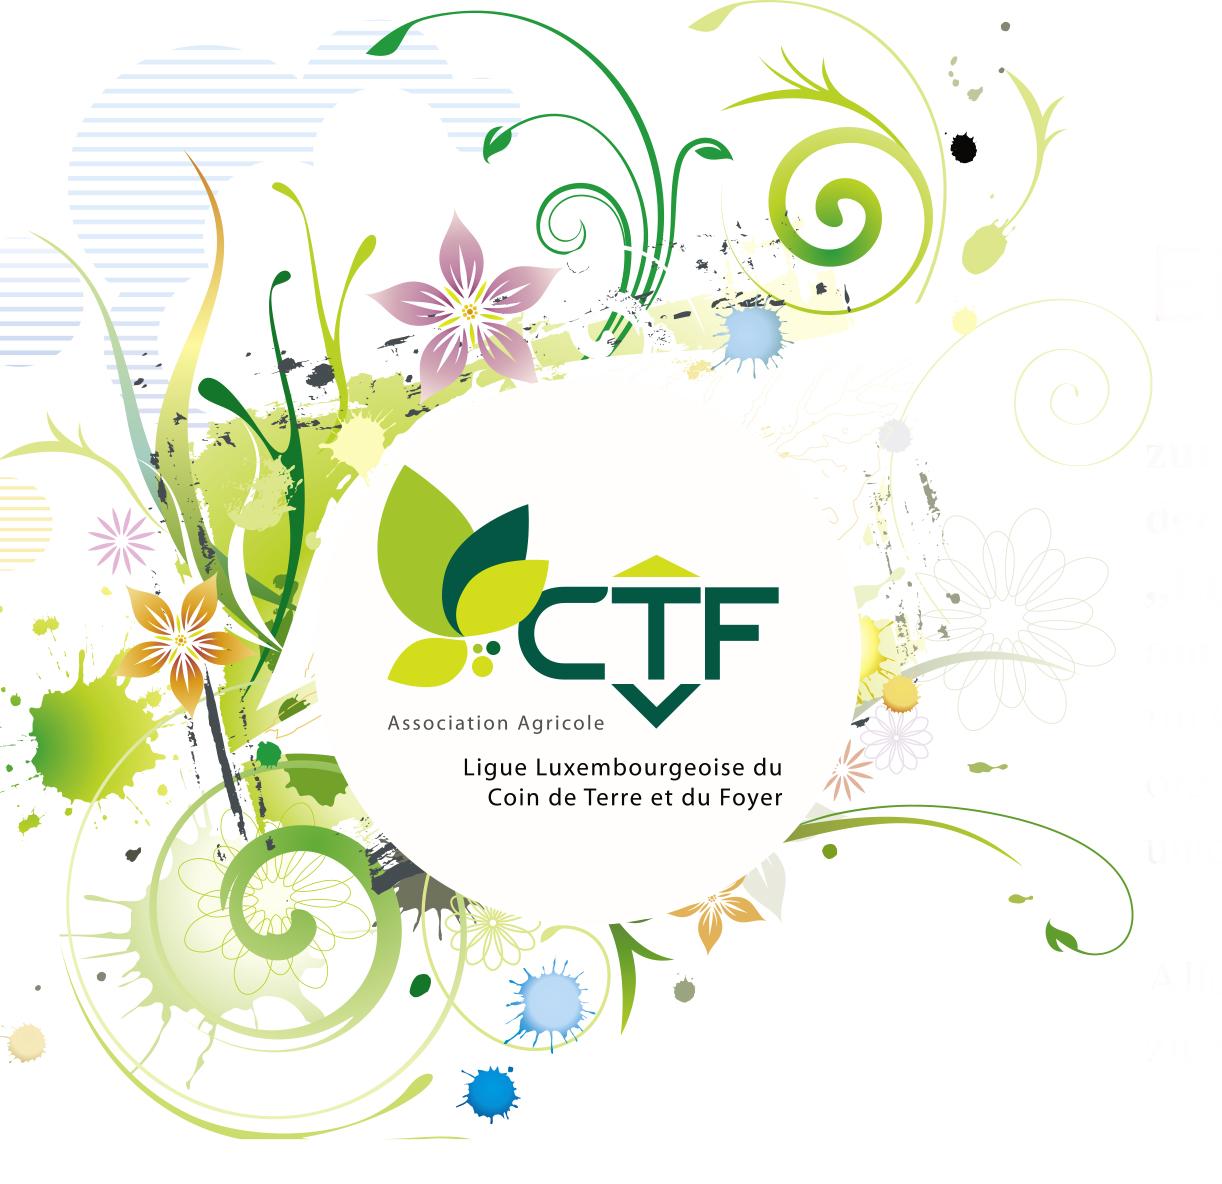 Einladung Zum CTF-Kongress 2019